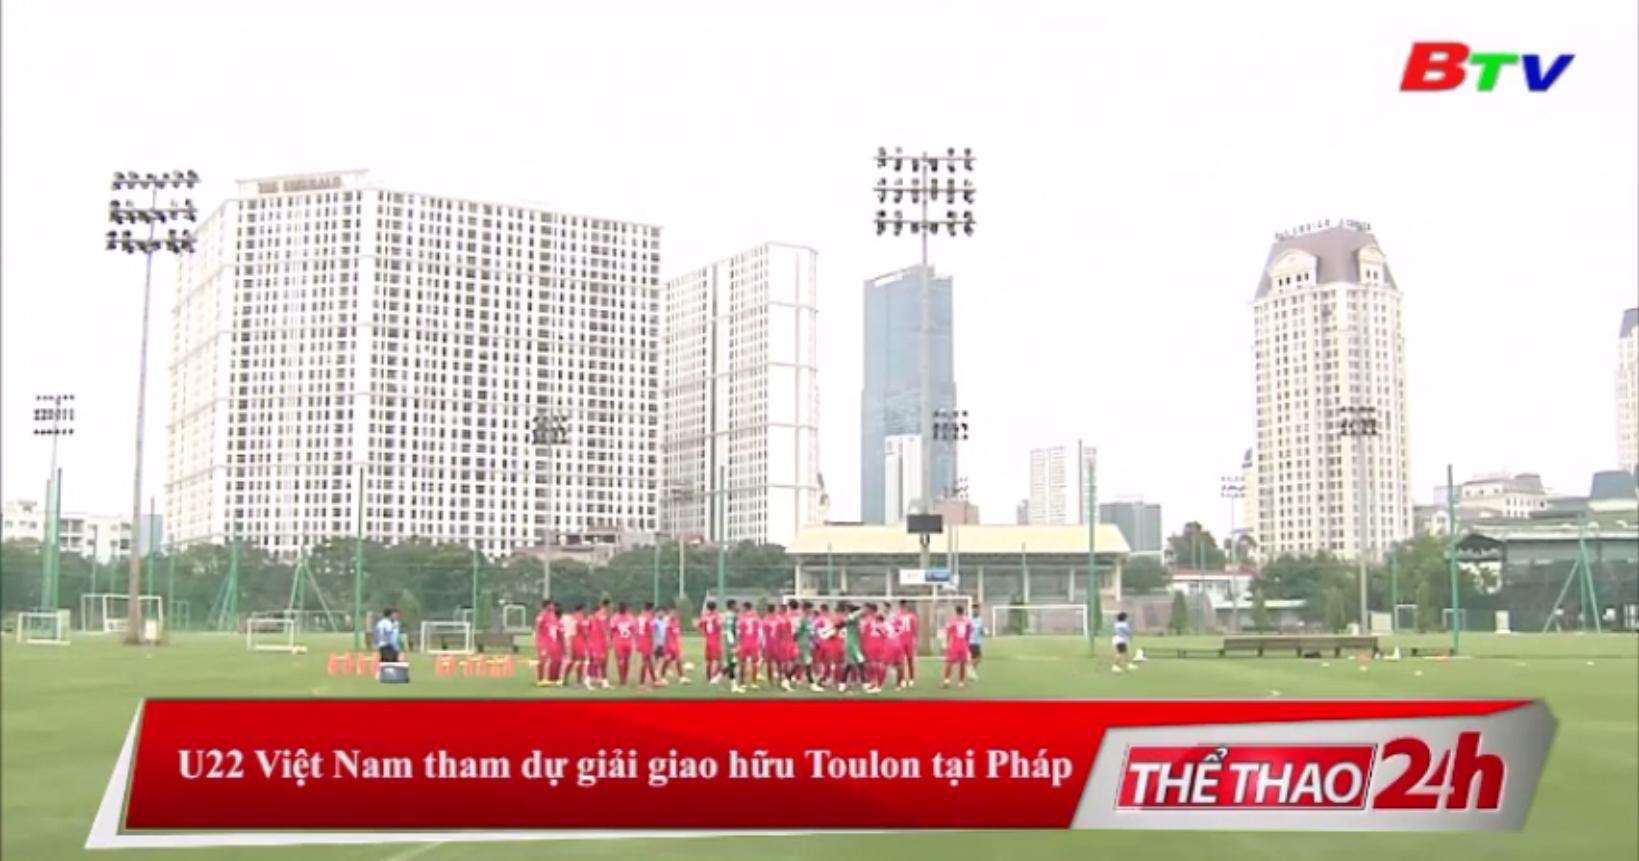 U22 Việt Nam tham dự giải giao hữu Toulon tại Pháp